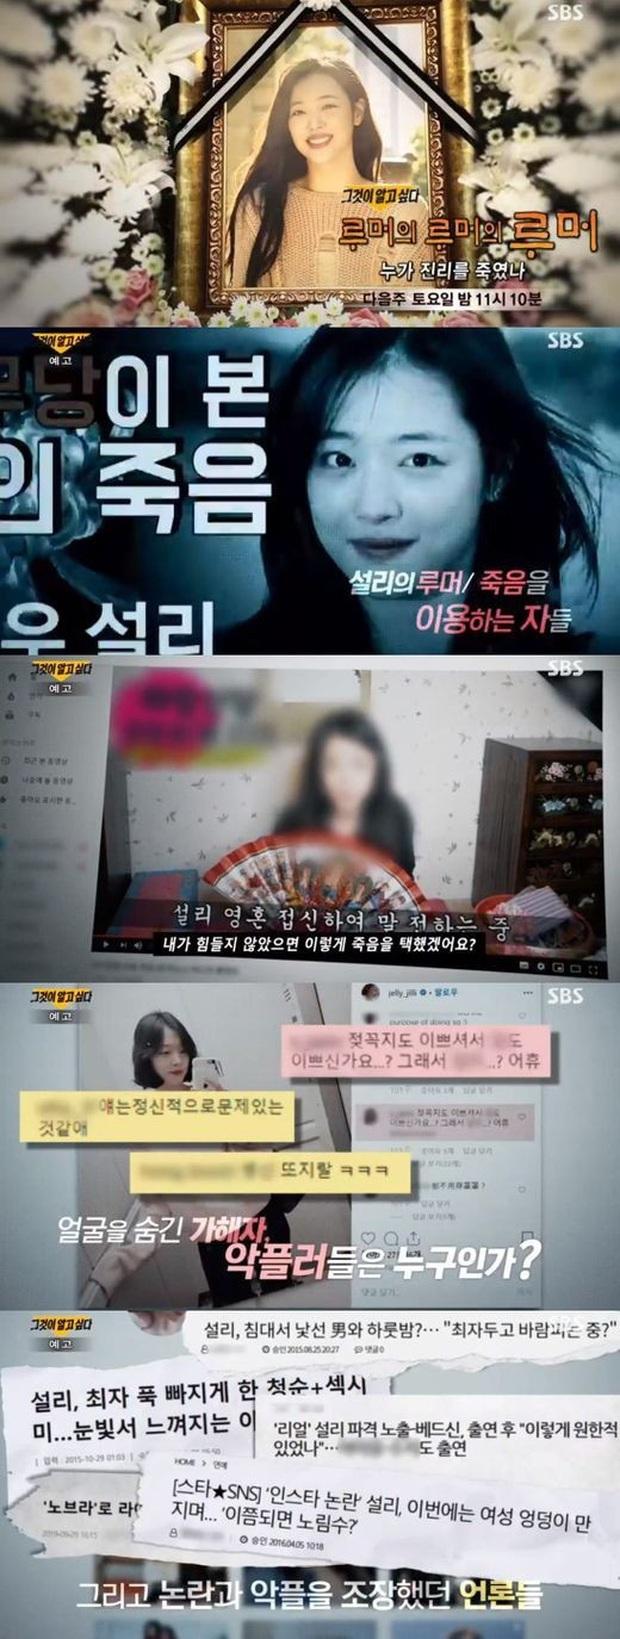 SBS sẽ công bố sự thật về Kẻ gây ra cái chết của Sulli và sự xuất hiện bất ngờ của bạn trai cố diễn viên - Ảnh 2.